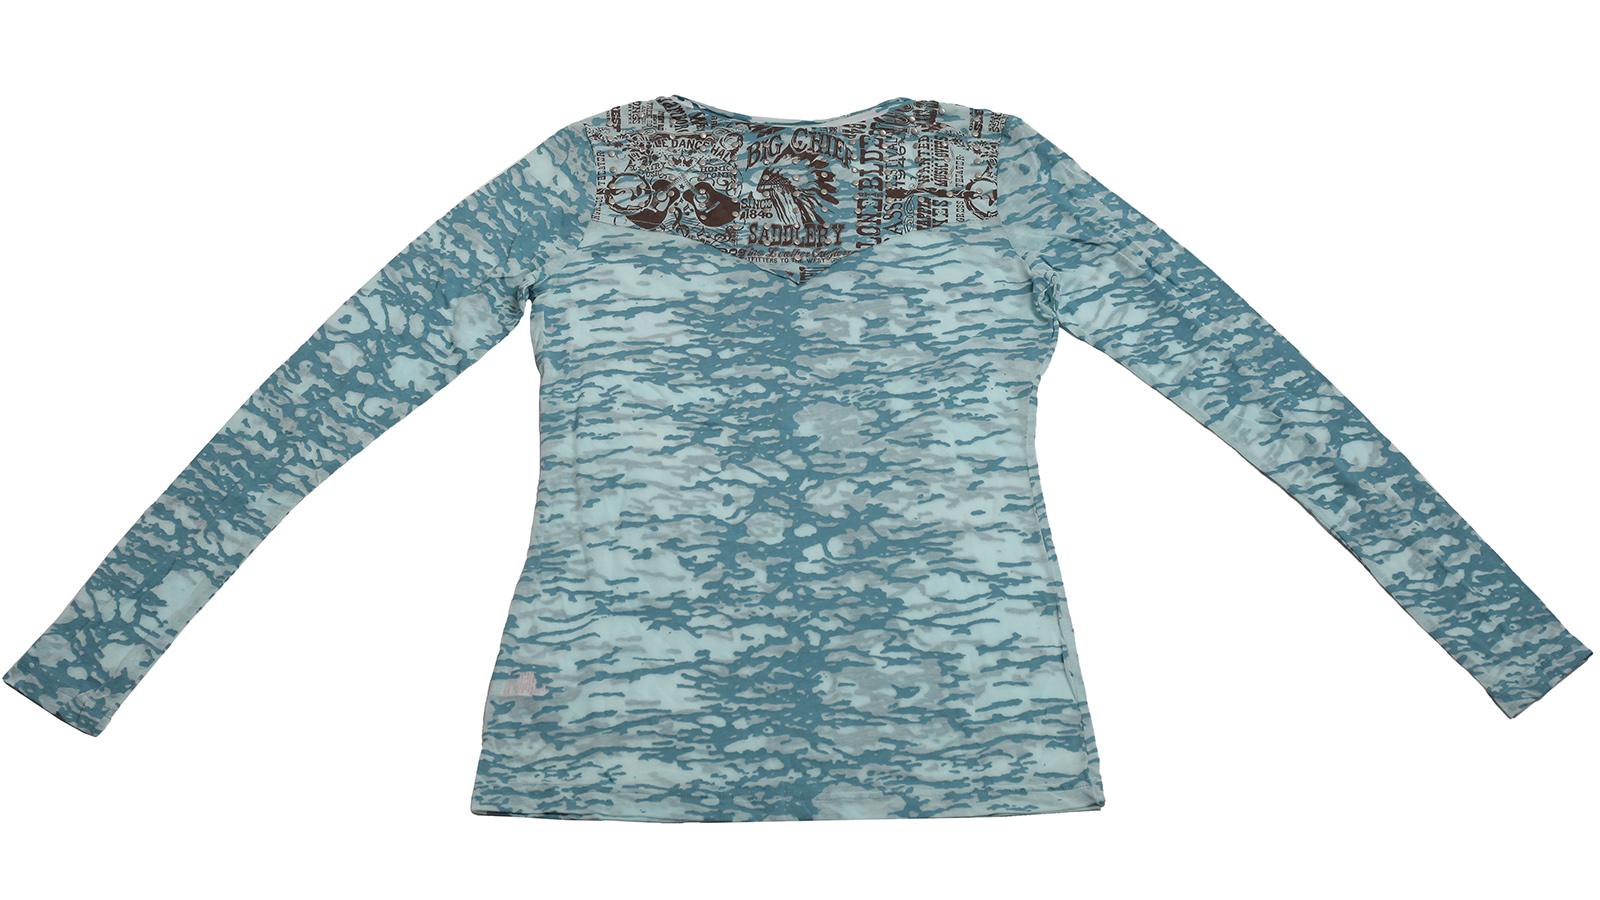 Купить кофточку оригинальной расцветки для смелых модниц от бренда Panhandle Slim по привлекательной цене